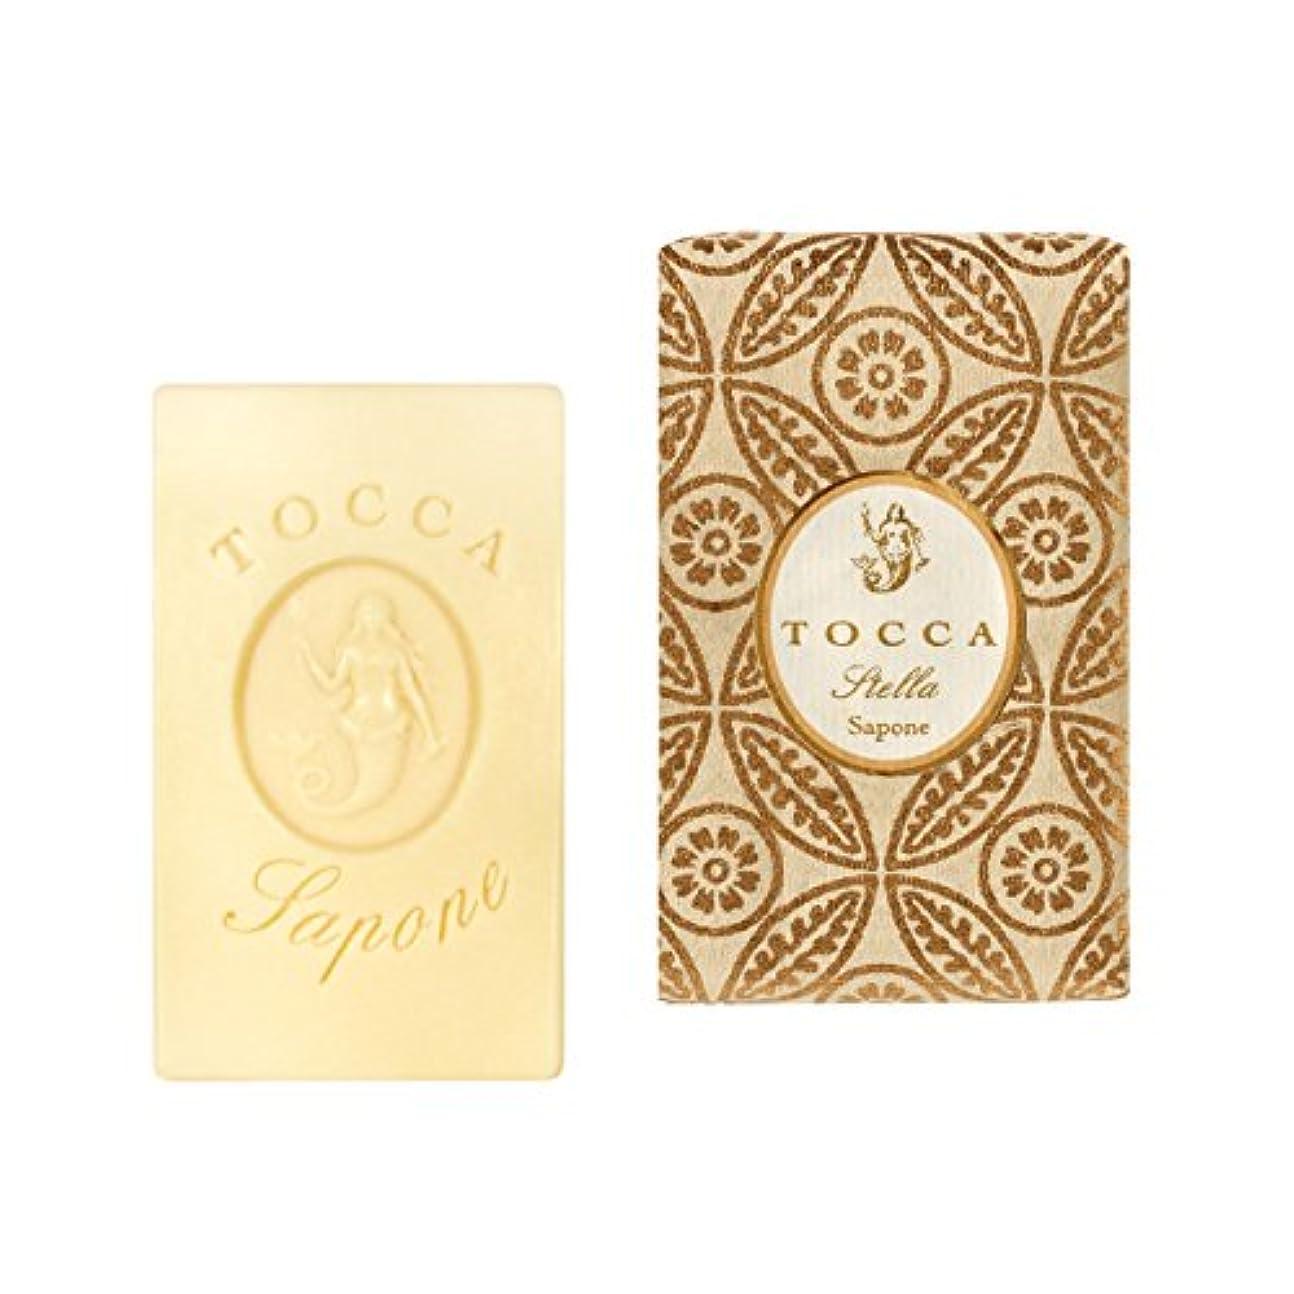 トッカ(TOCCA) ソープバー ステラの香り 113g(石けん 化粧石けん イタリアンブラッドオレンジが奏でるフレッシュでビターな爽やかさ漂う香り)